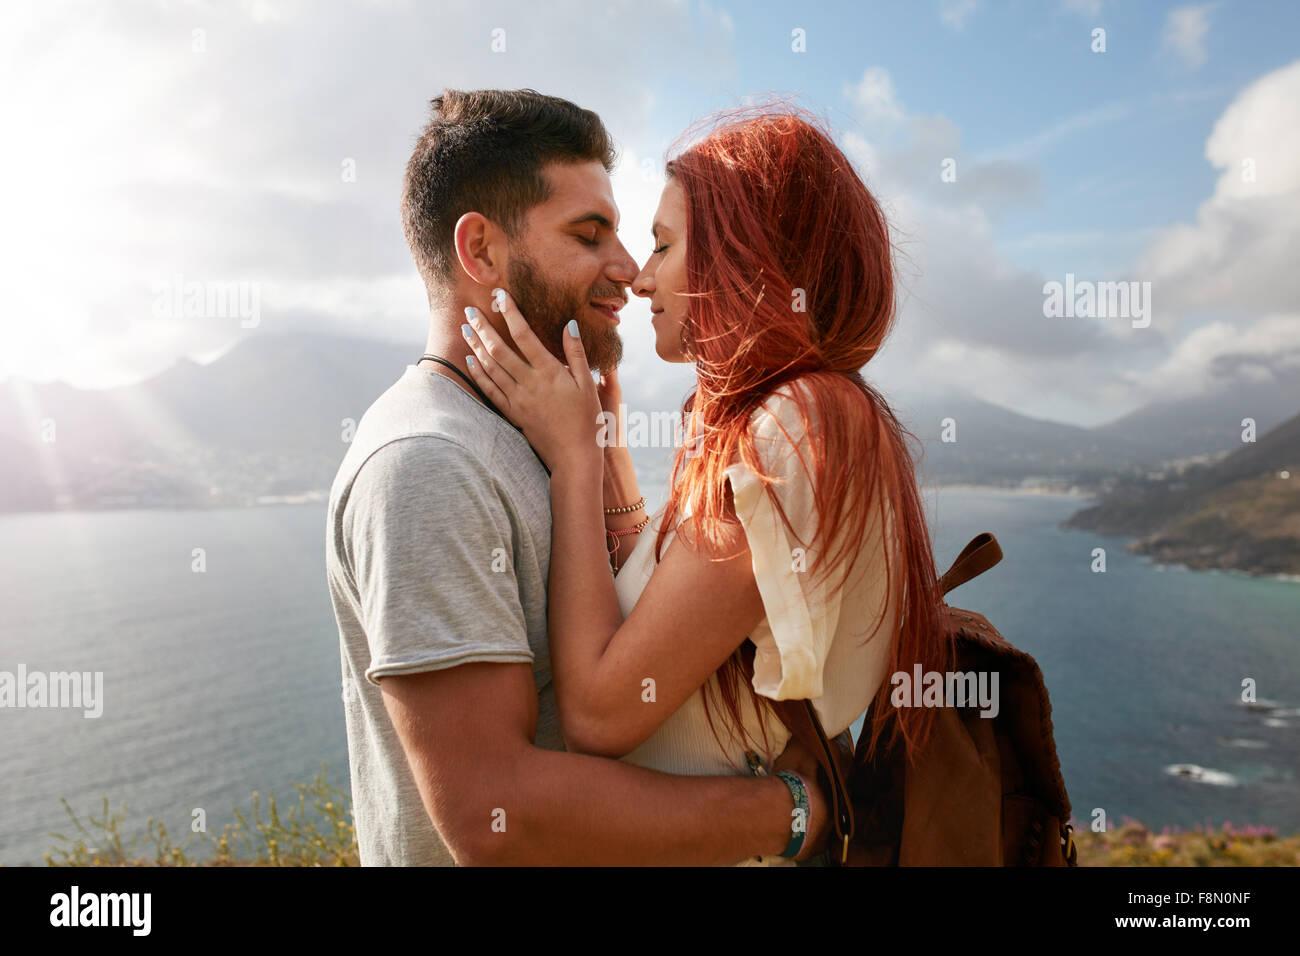 Porträt des jungen Mann und Frau zu einen romantischen Kuss zu teilen. Liebevolle junge Paar genießen Stockbild